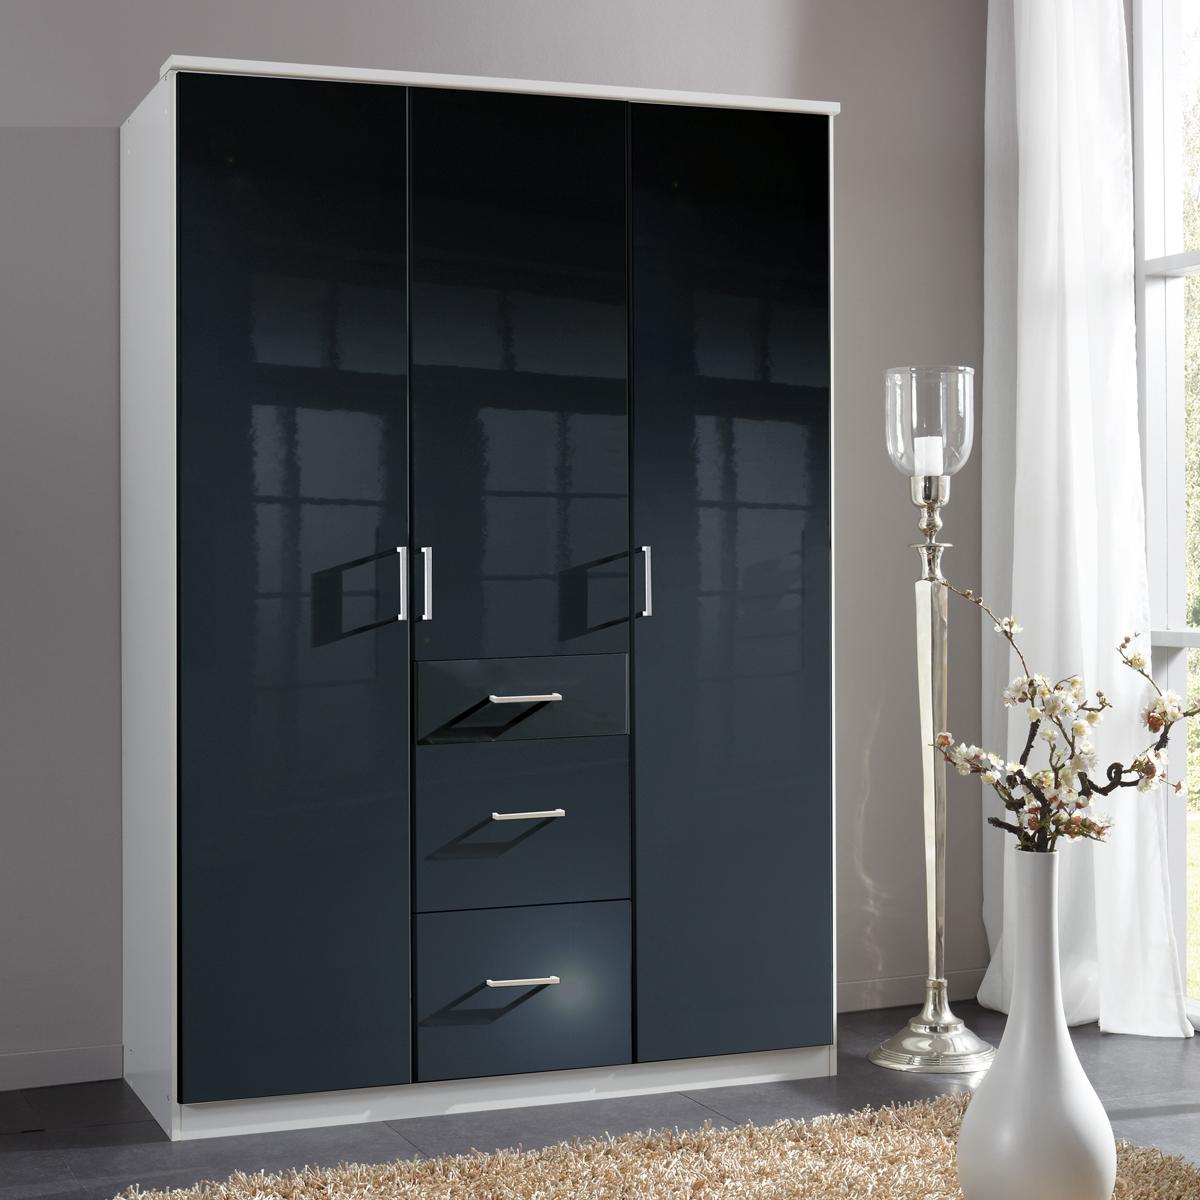 kleiderschrank clack dreht renschrank in hochglanz schwarz alpinwei 135 cm. Black Bedroom Furniture Sets. Home Design Ideas